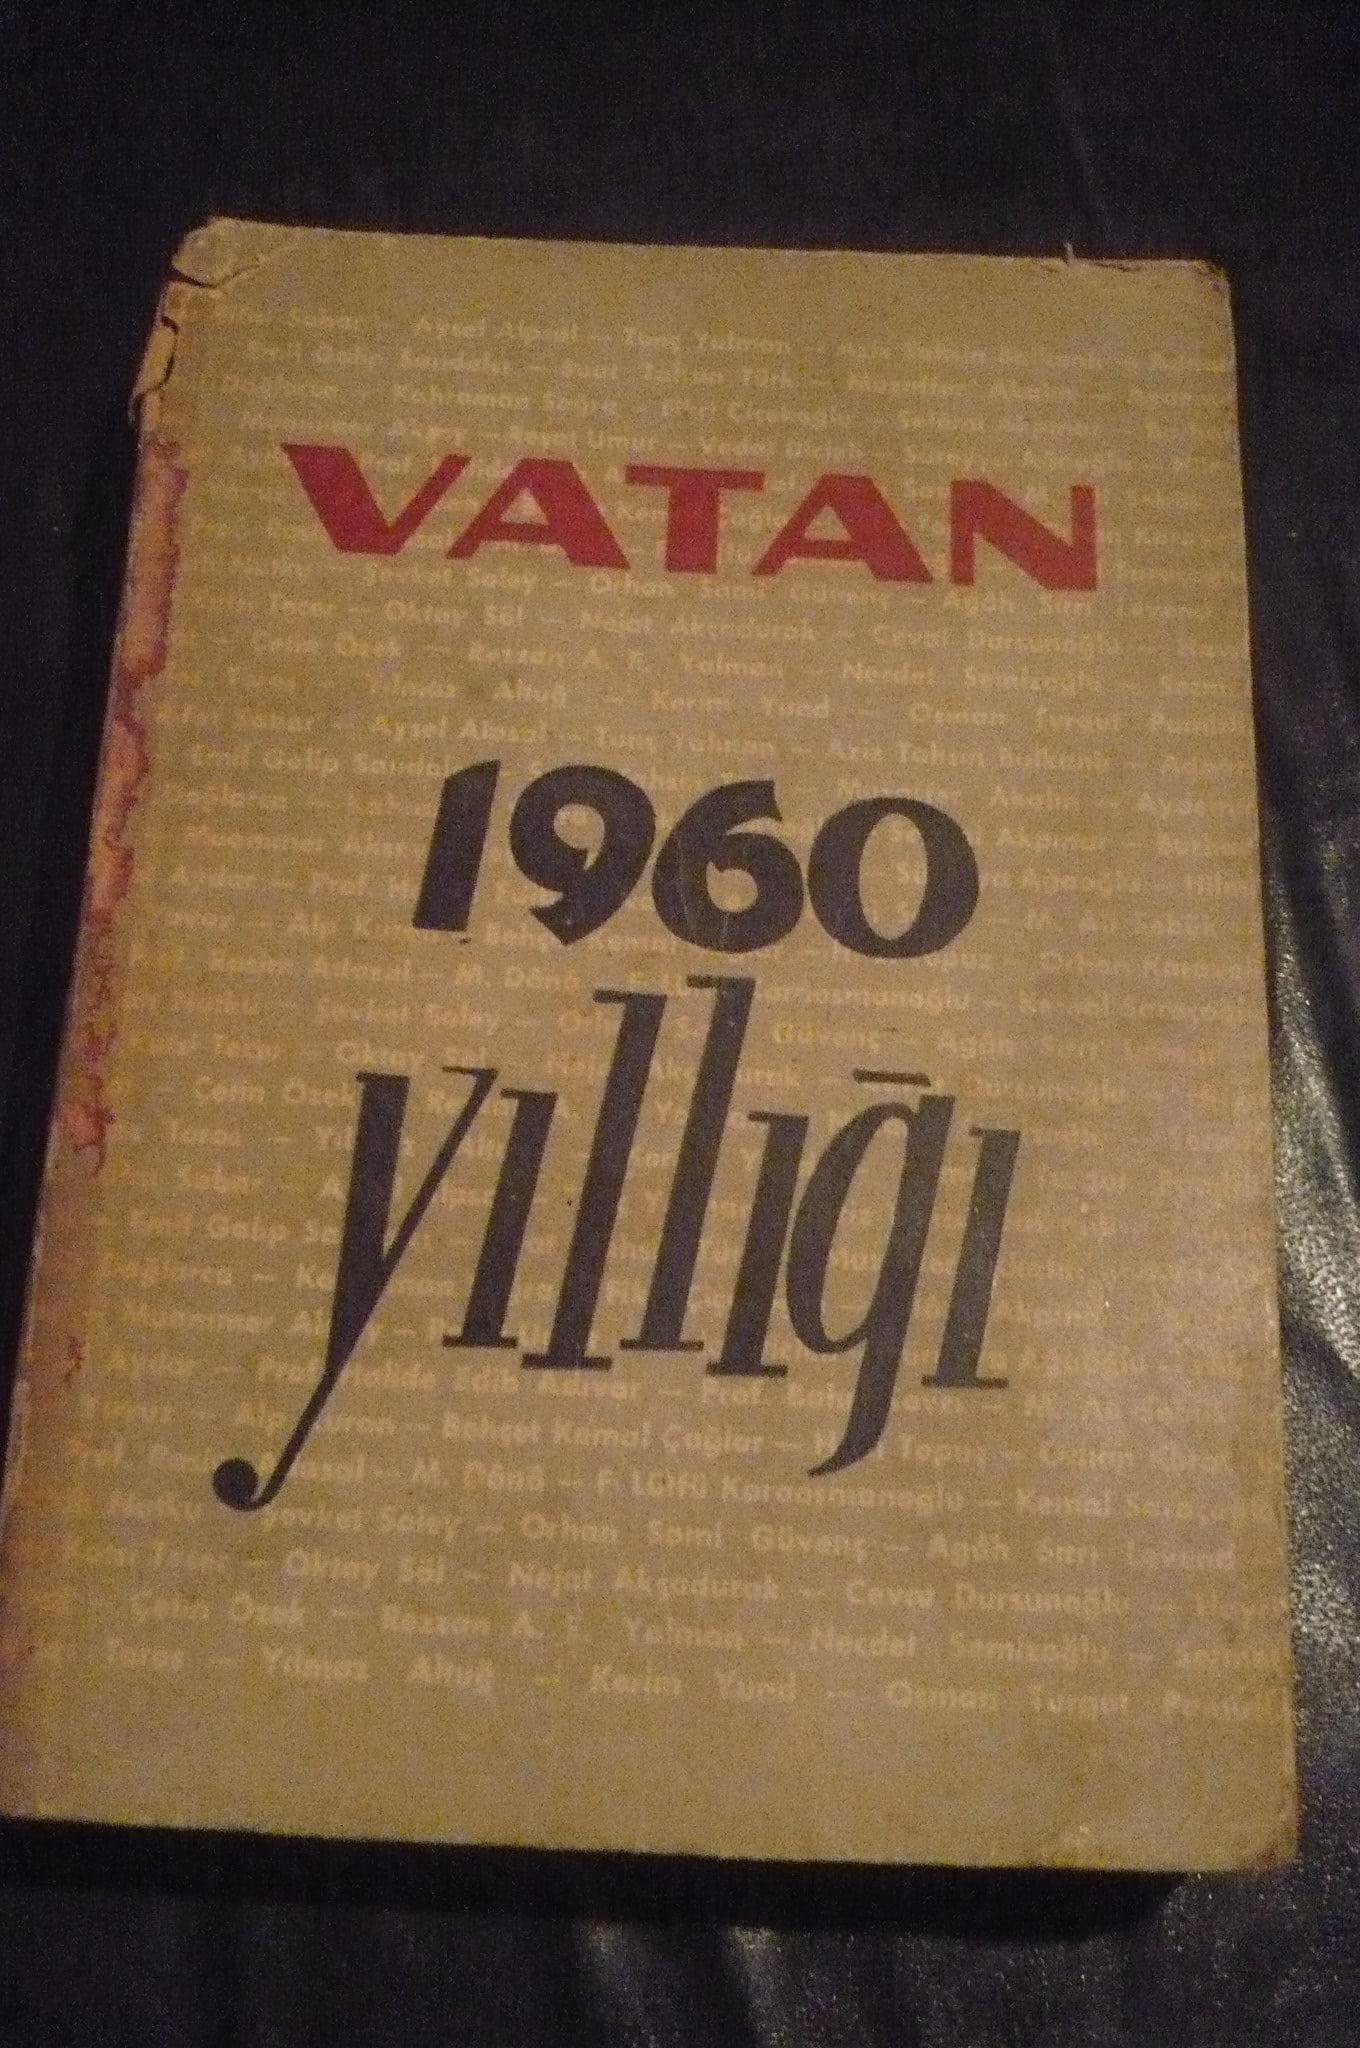 VATAN 1960 YILLIĞI